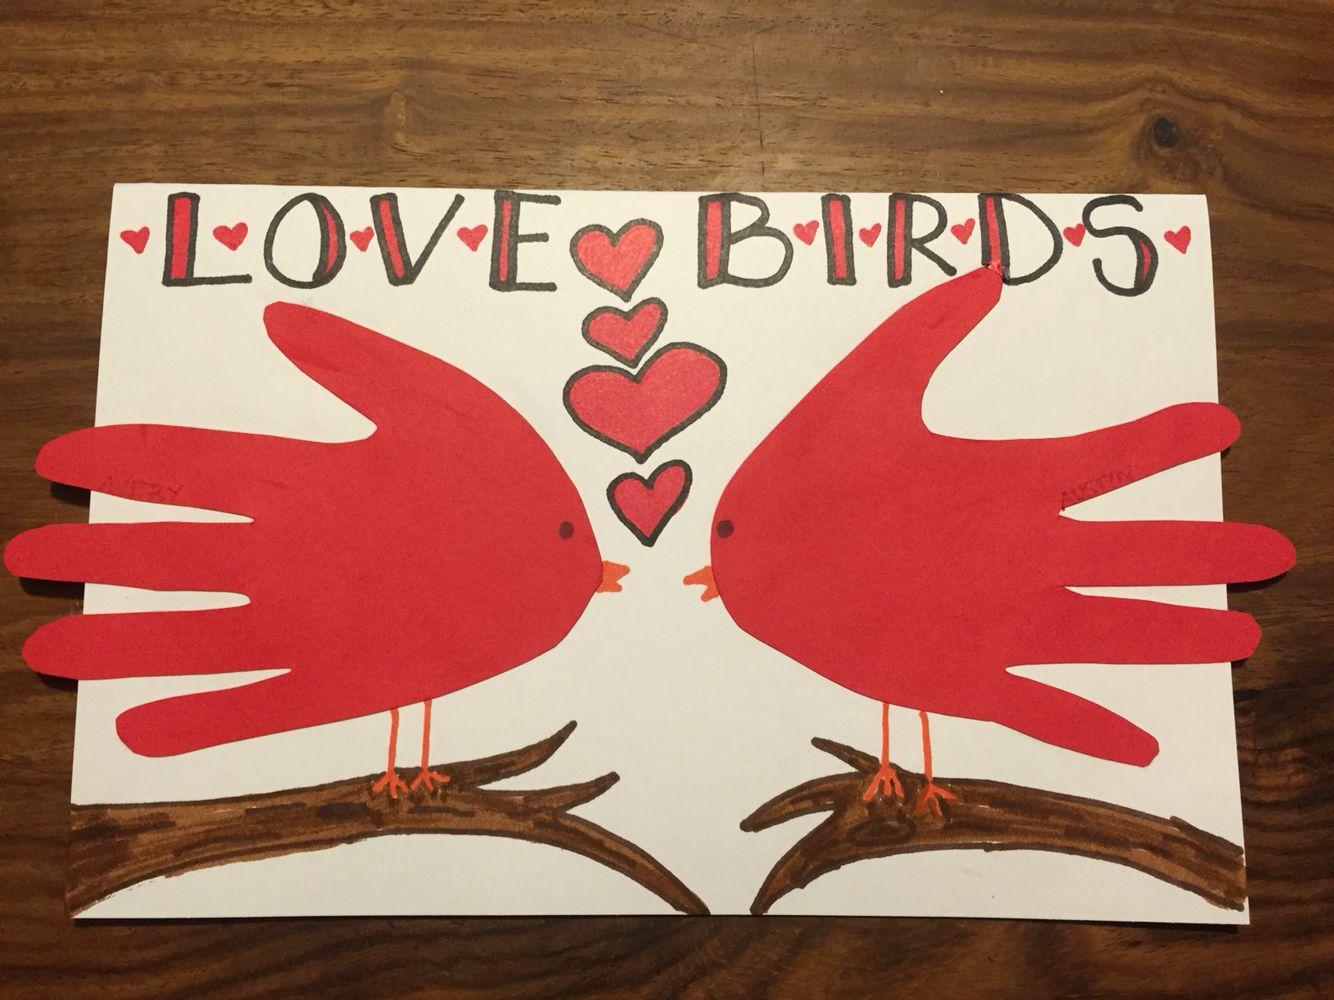 Lovebirds handprint birds. Valentine's Day or anniversary